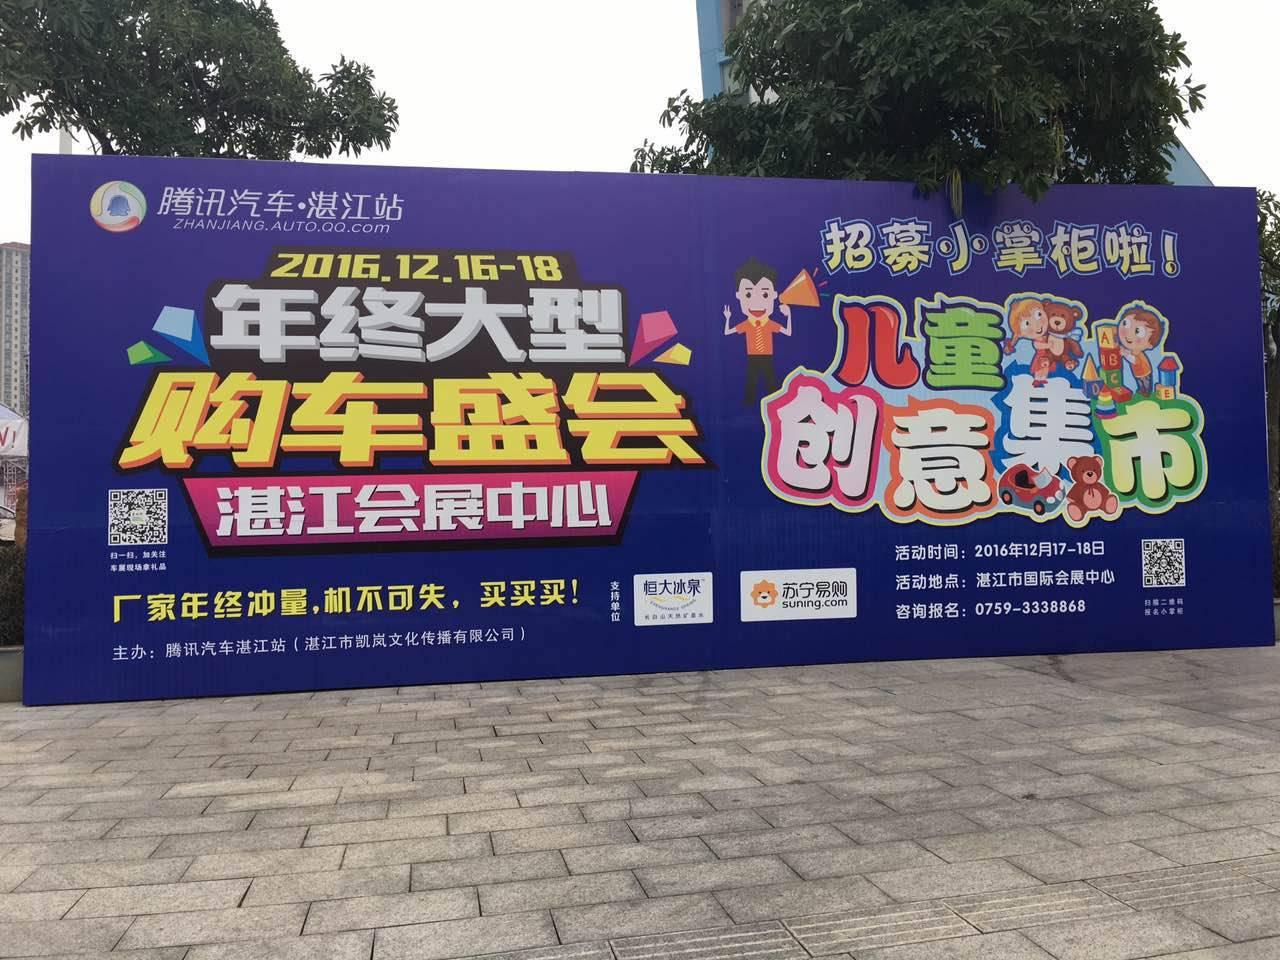 腾讯汽车湛江2016年终购车盛会圆满落幕